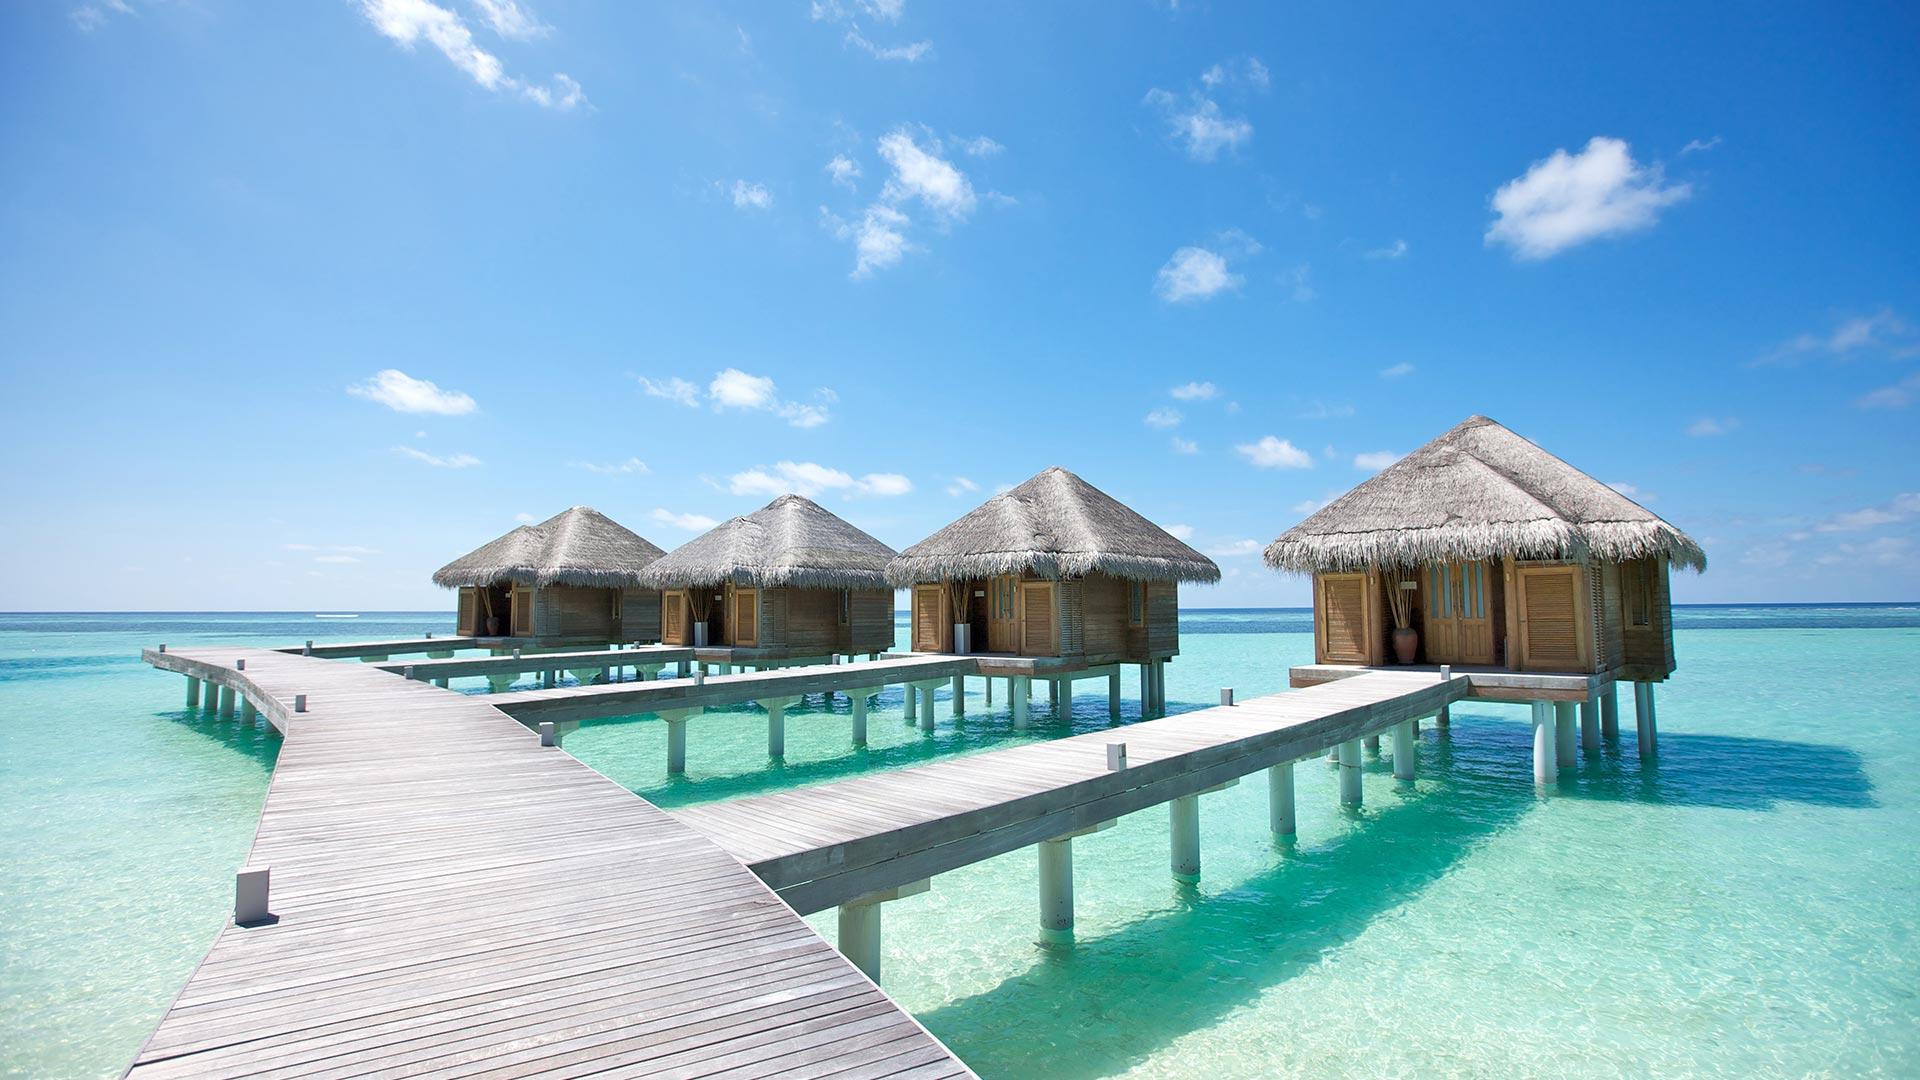 Bandeau Maldives